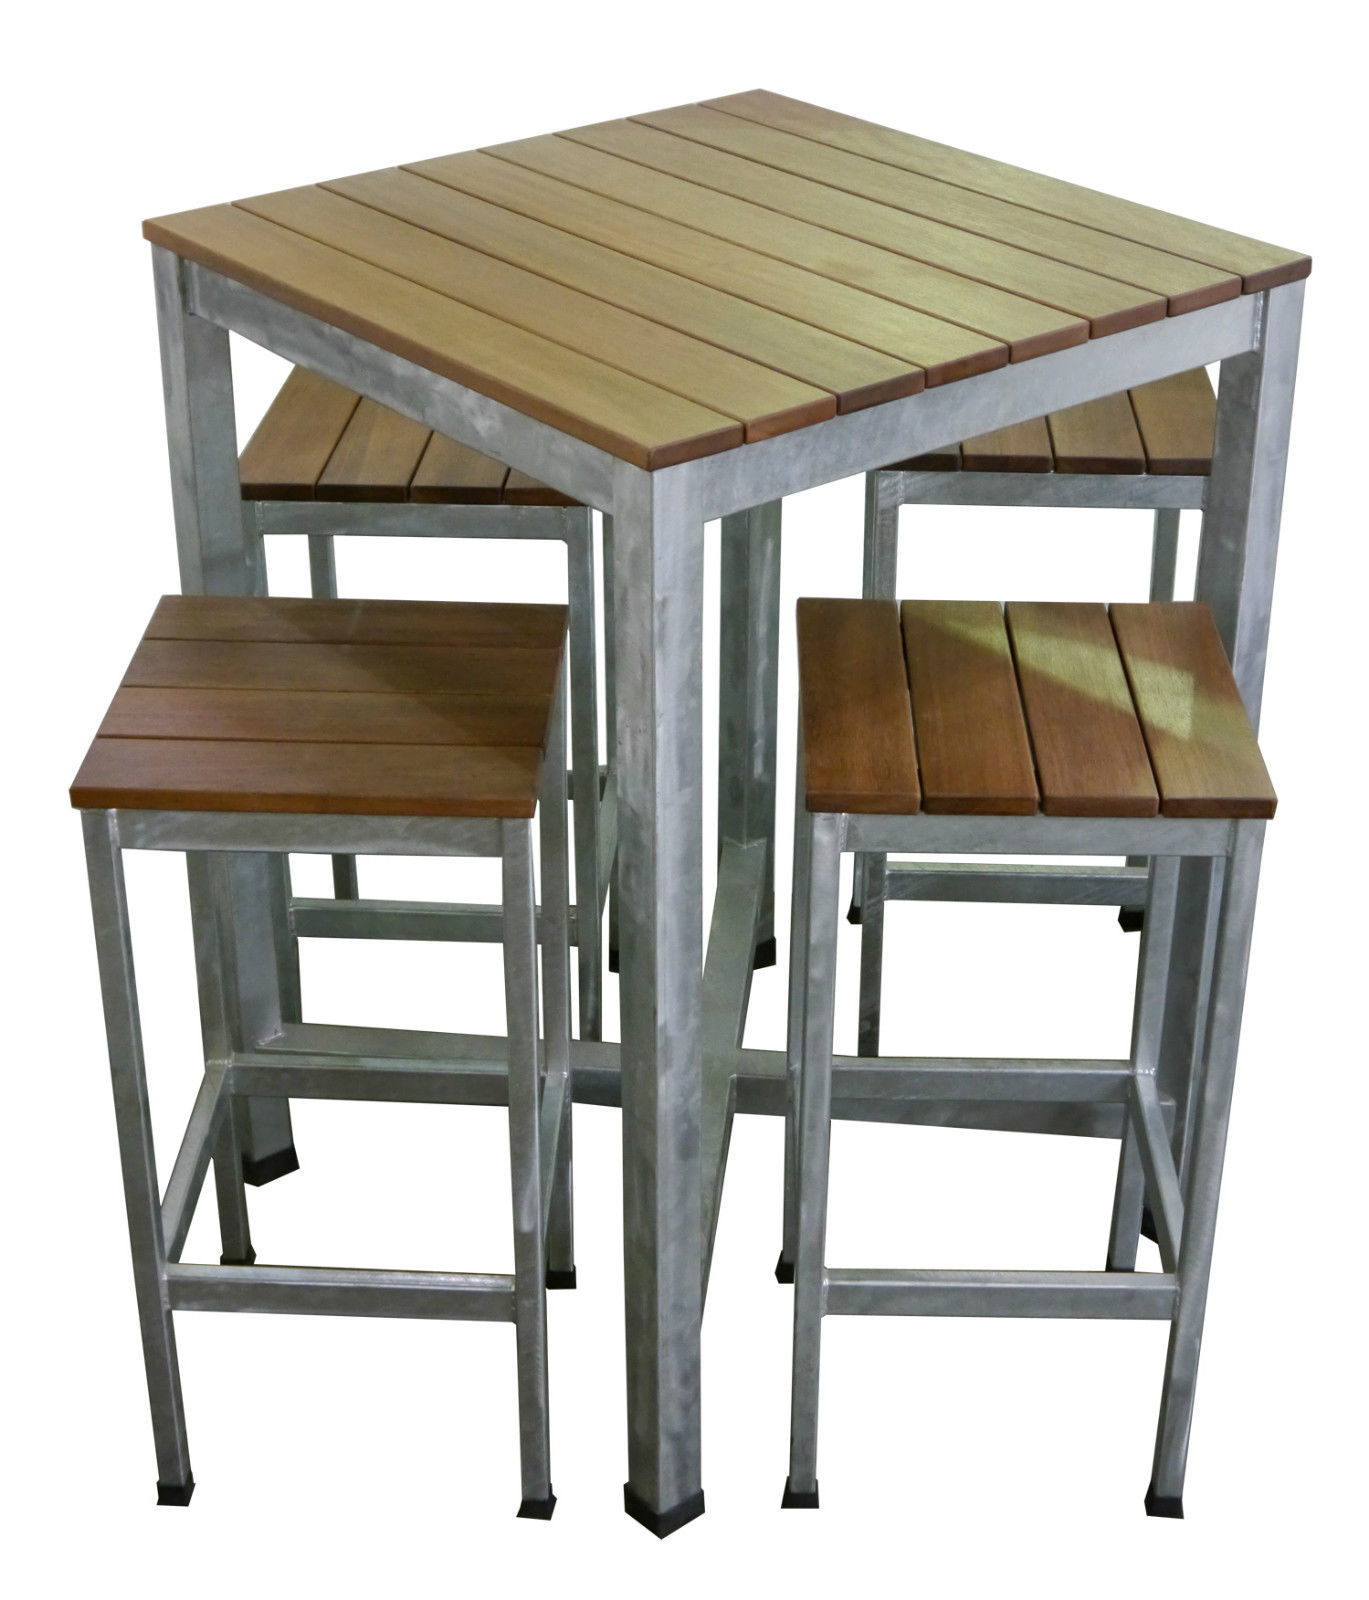 Bar Furniture Store: Beer Garden 5 Piece High Bar Setting